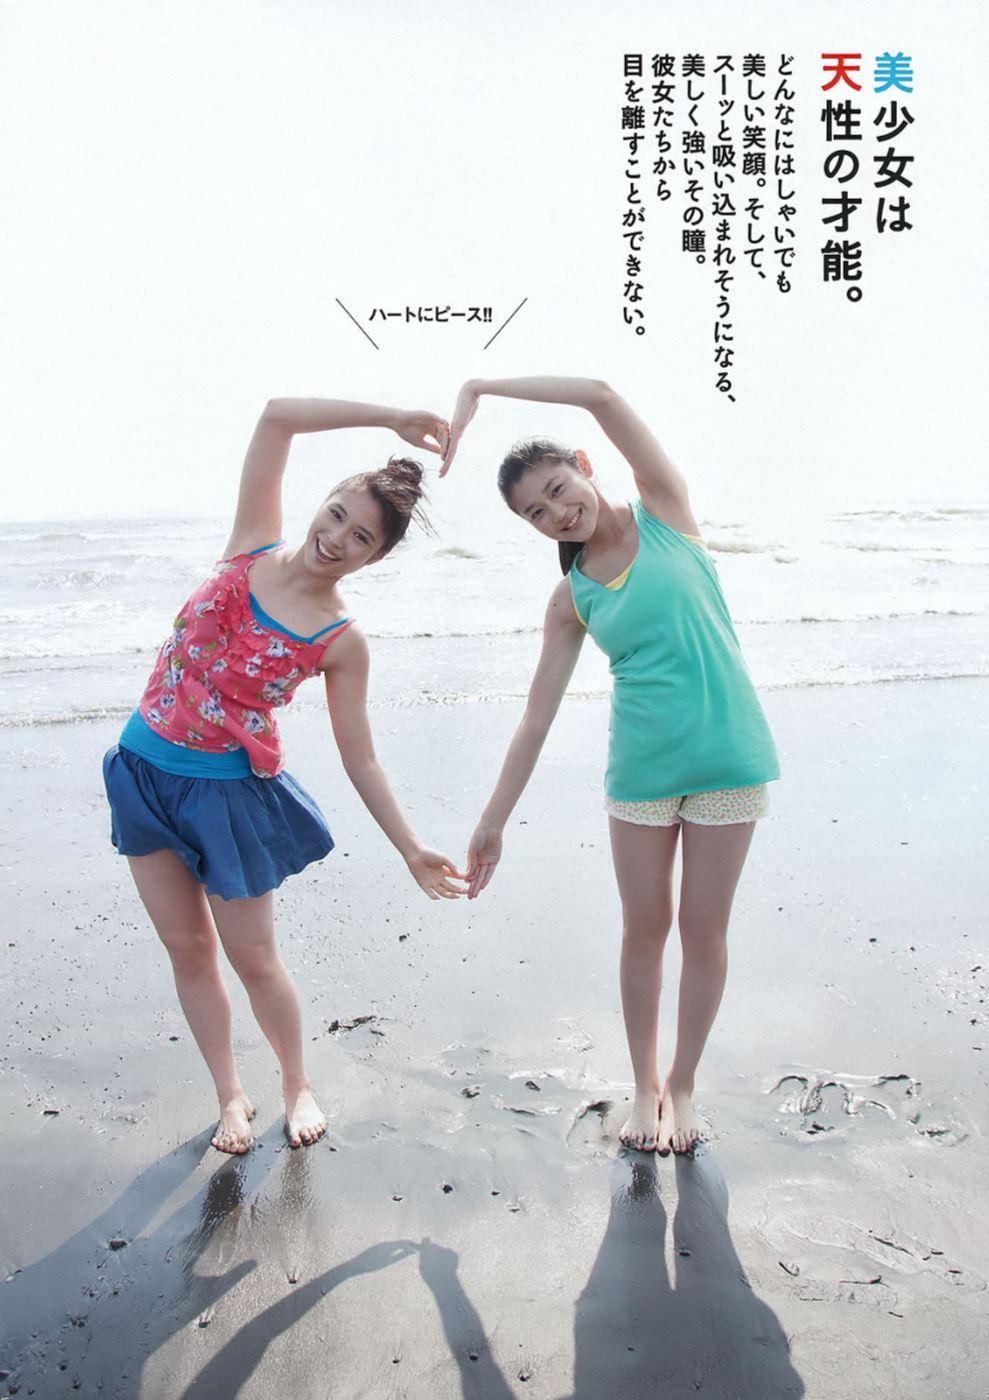 広瀬アリス 広瀬すず 姉妹 かわいい エロ画像 64